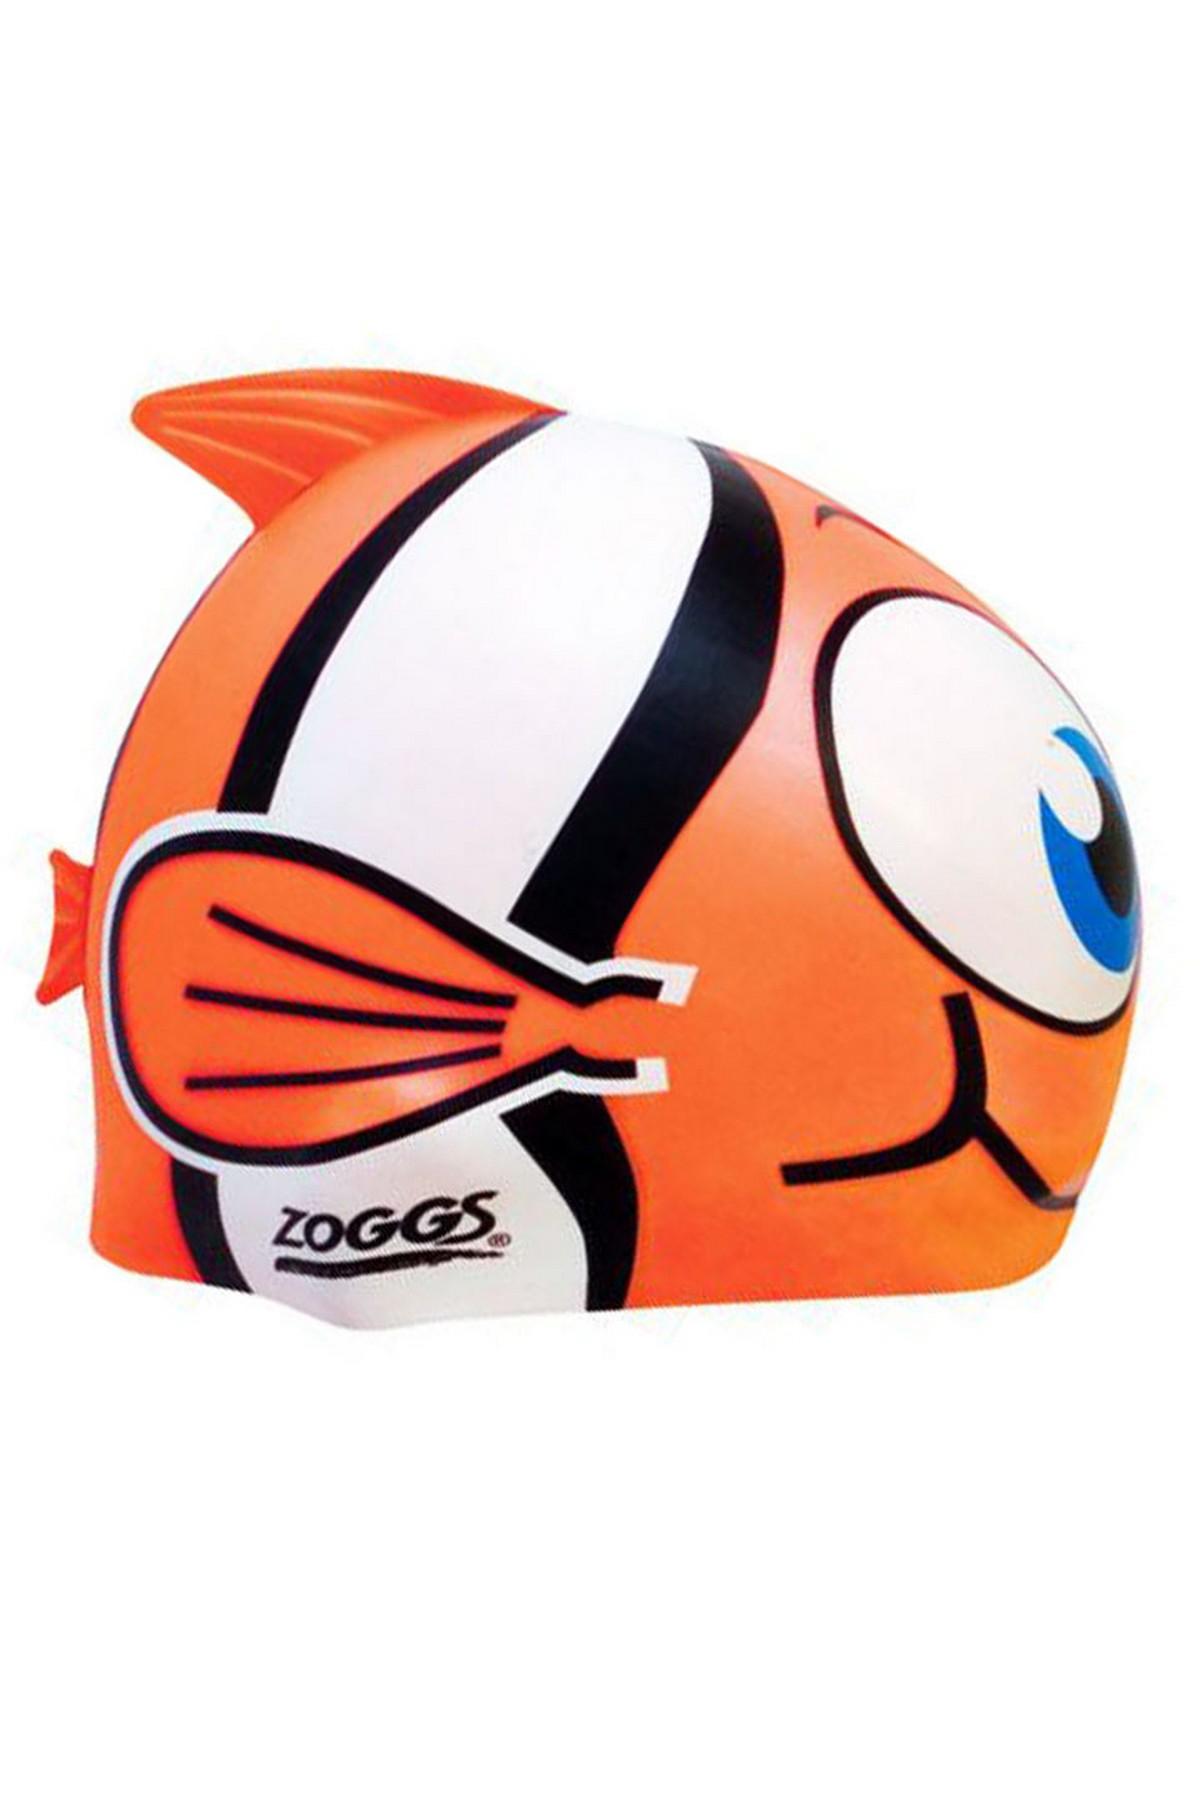 Zoggs 300710-02